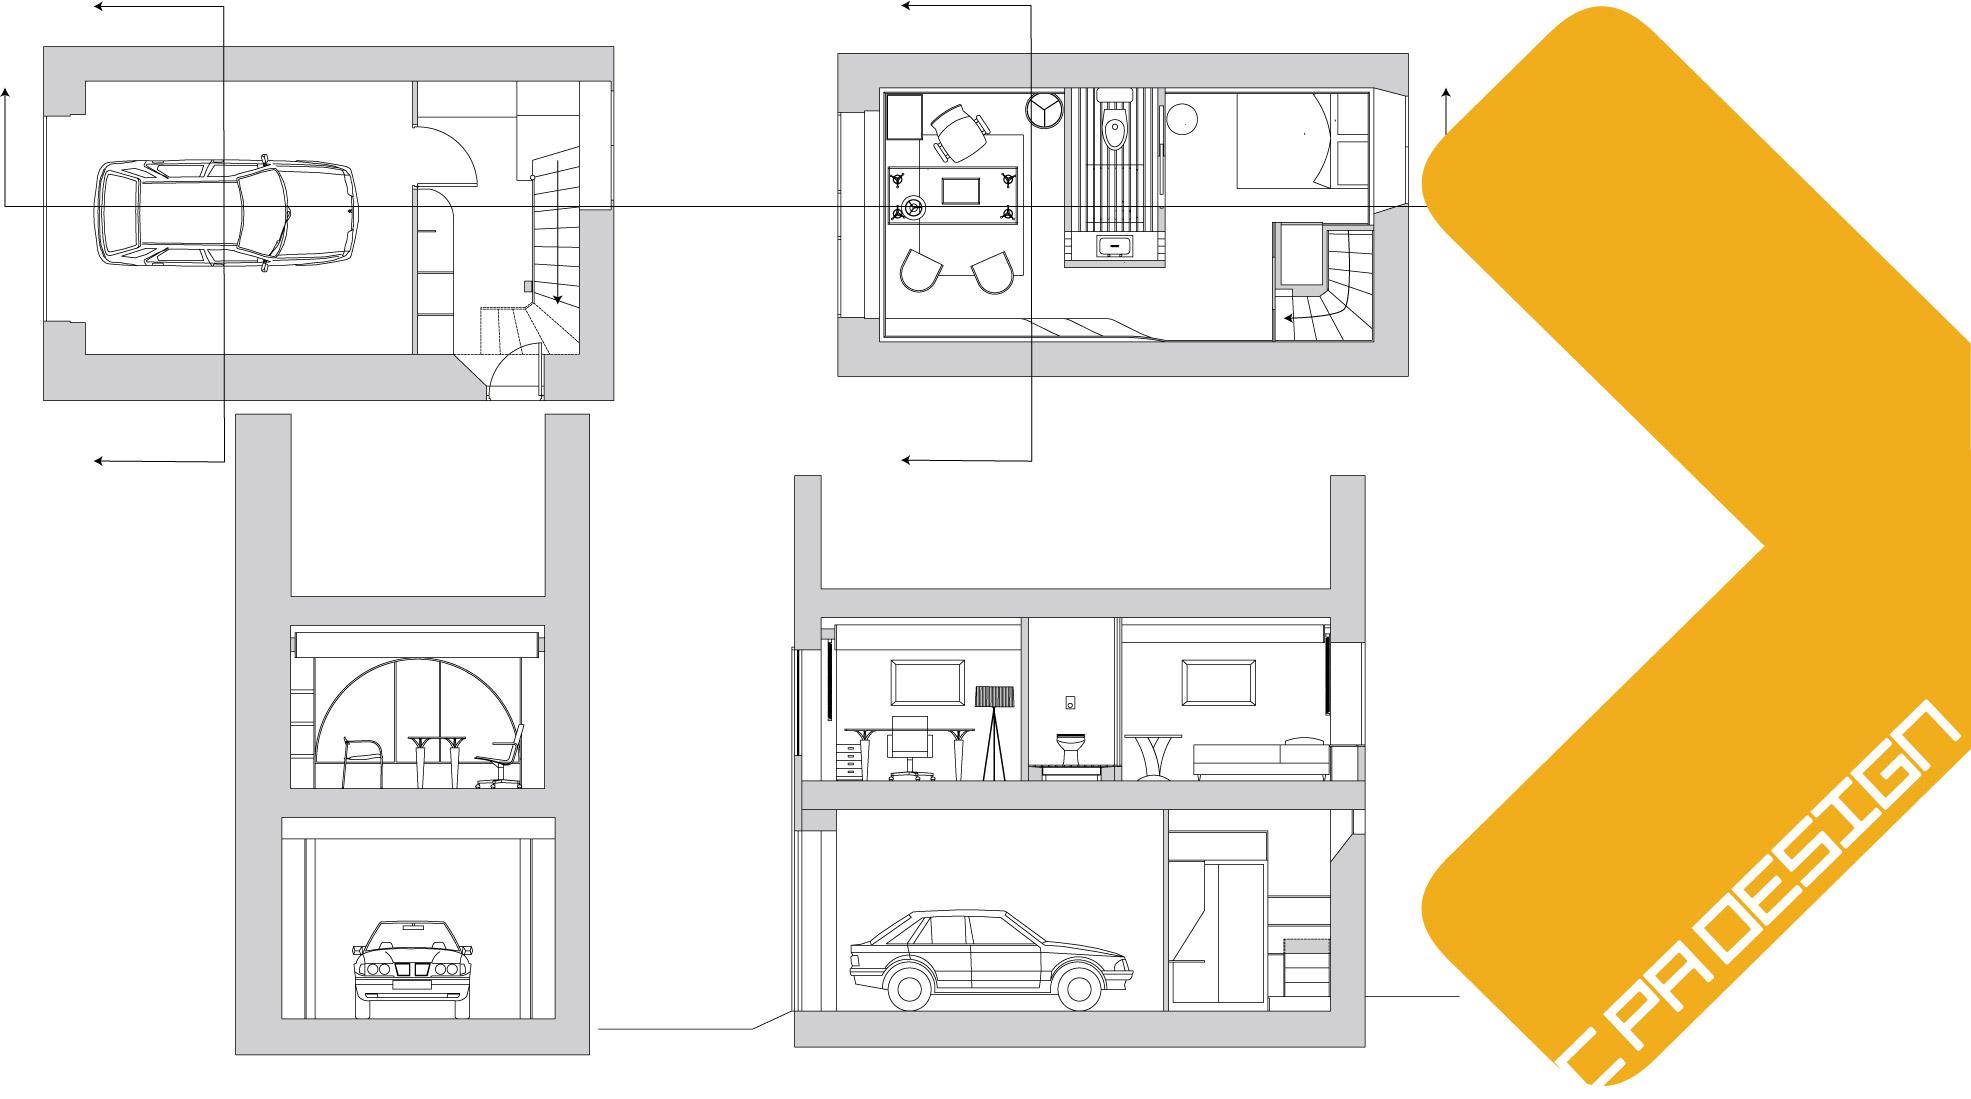 c_pa_design_interieur-architecture-permis-de-contruire_mobilier-transport-serie_innovation_relation_ecoute_unique_realisation_conception_prototype_realisation-projet3d